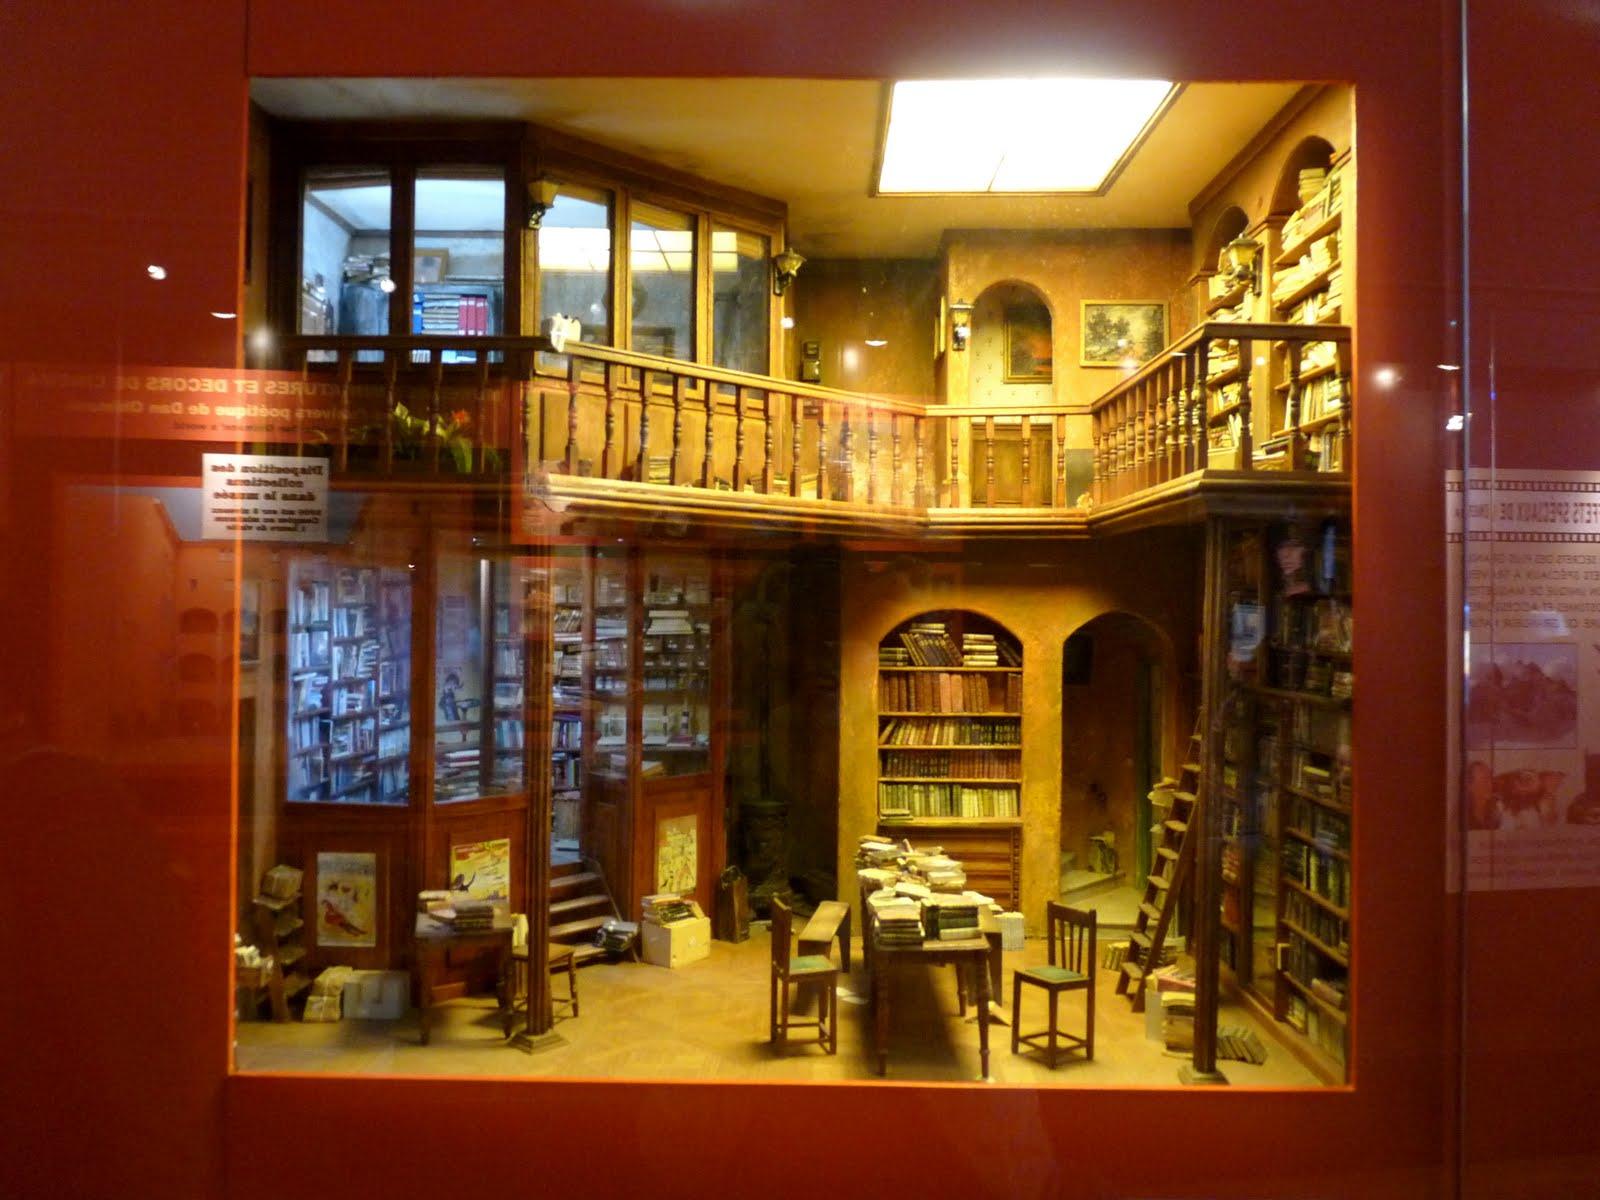 Byrominaperez musee des miniatures et decors de cinema - Home cinema lyon ...